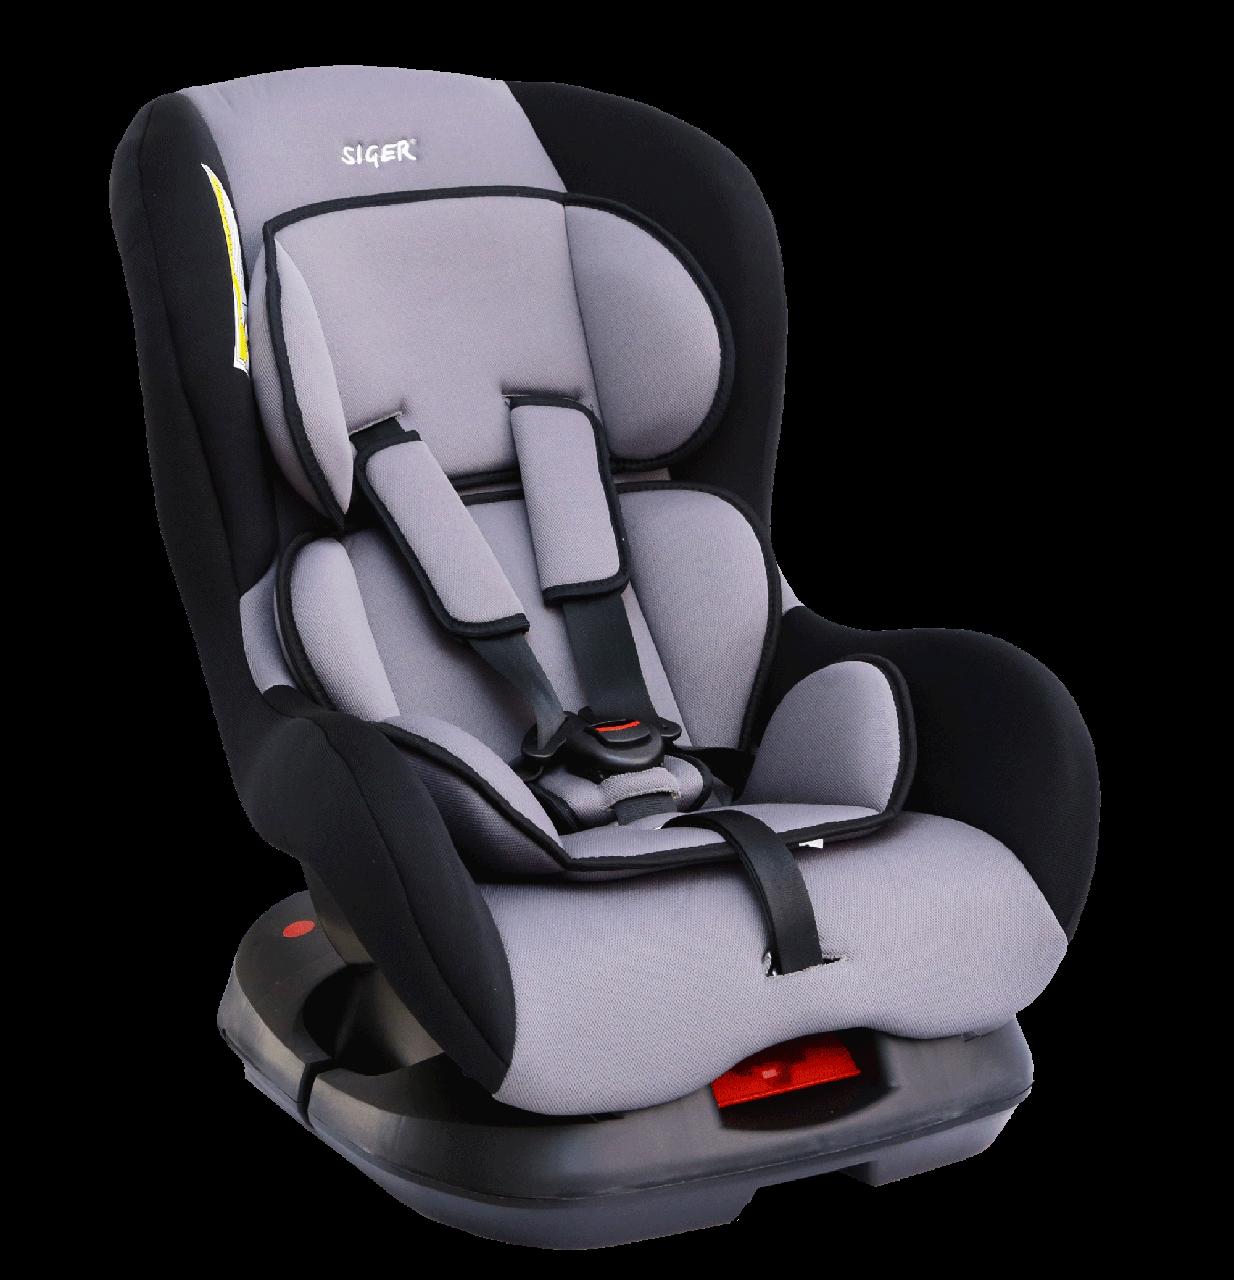 """Детское автомобильное кресло SIGER """"НАУТИЛУС"""" серый, 0-4 ЛЕТ, до 18 КГ, группа 0+/1"""